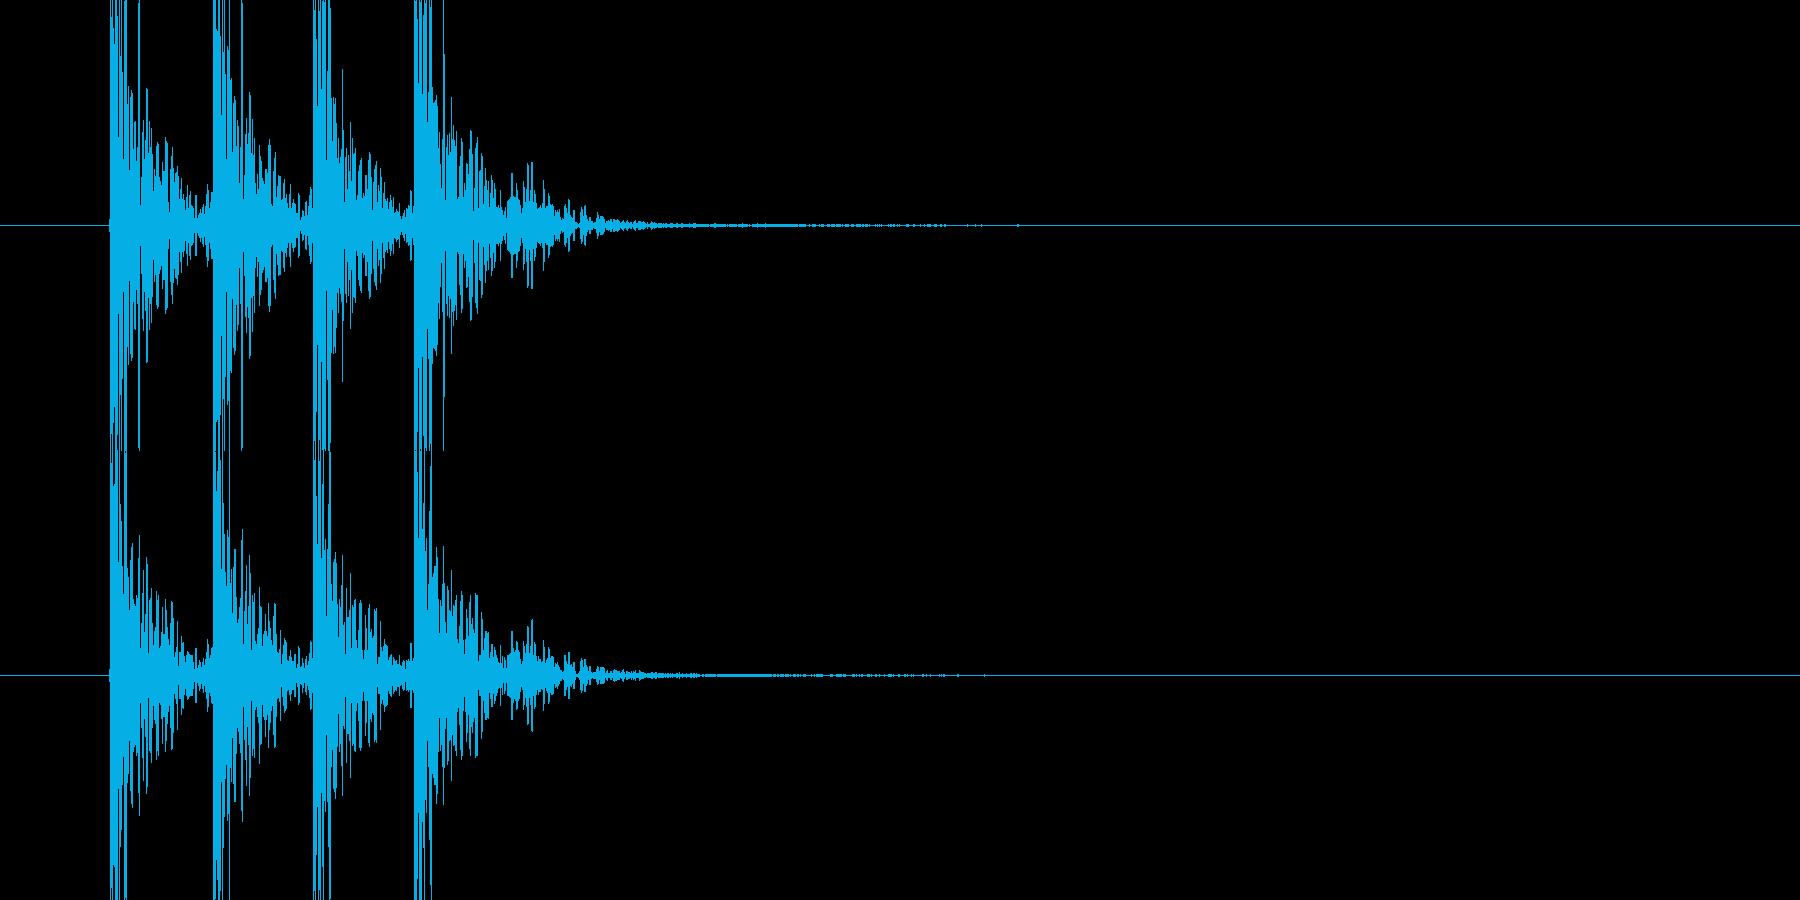 ドンドンドン(木のドアを叩く音)の再生済みの波形